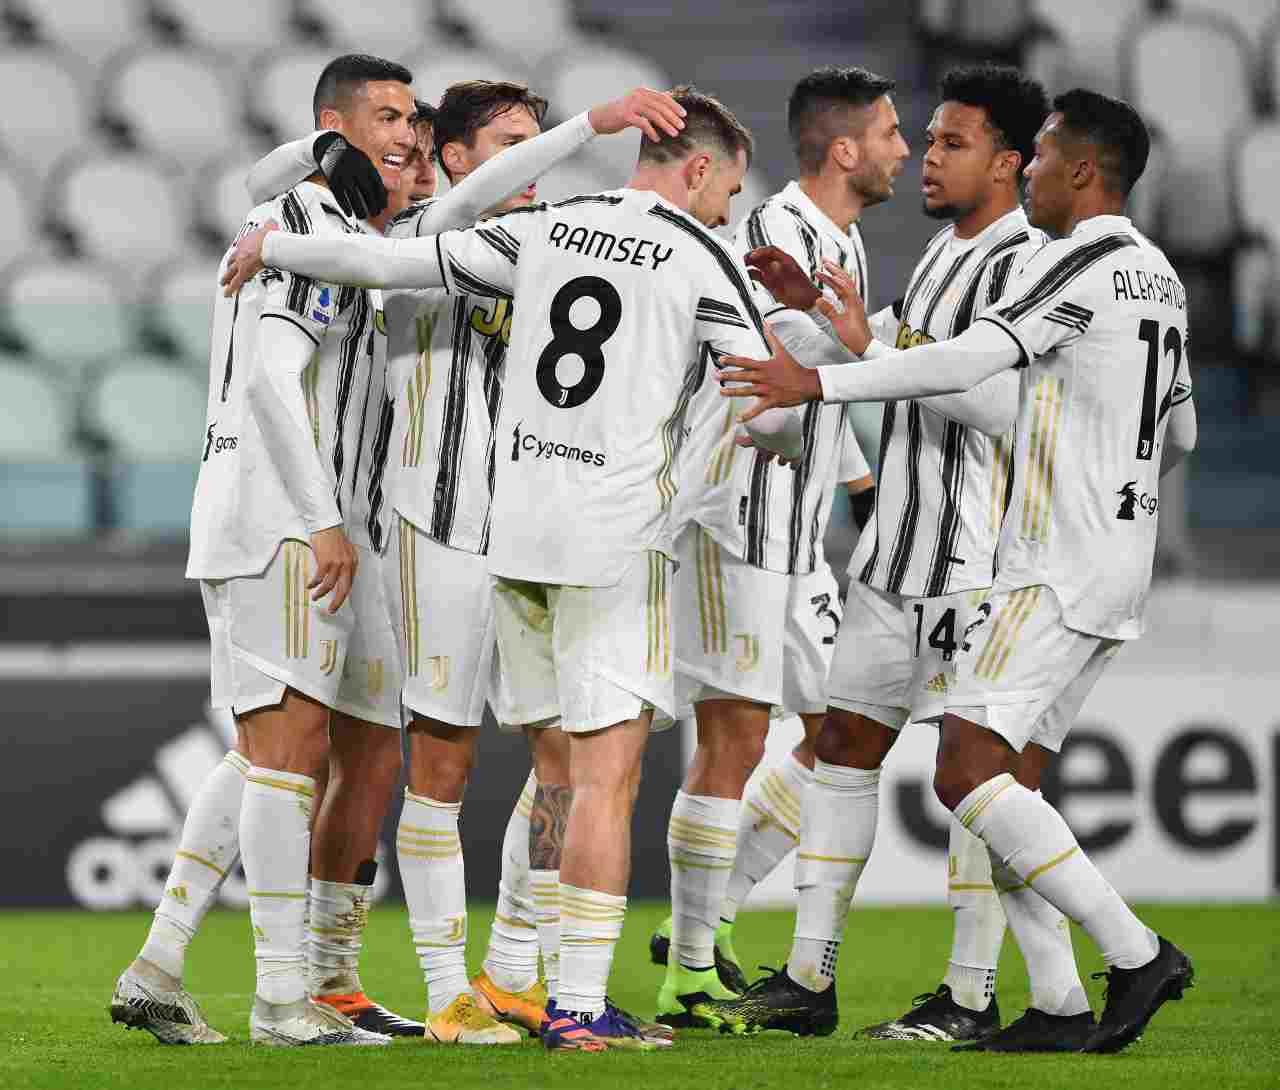 Calcio. Ancora un caso di Covid nella Juventus: positivo Matthijs De Ligt